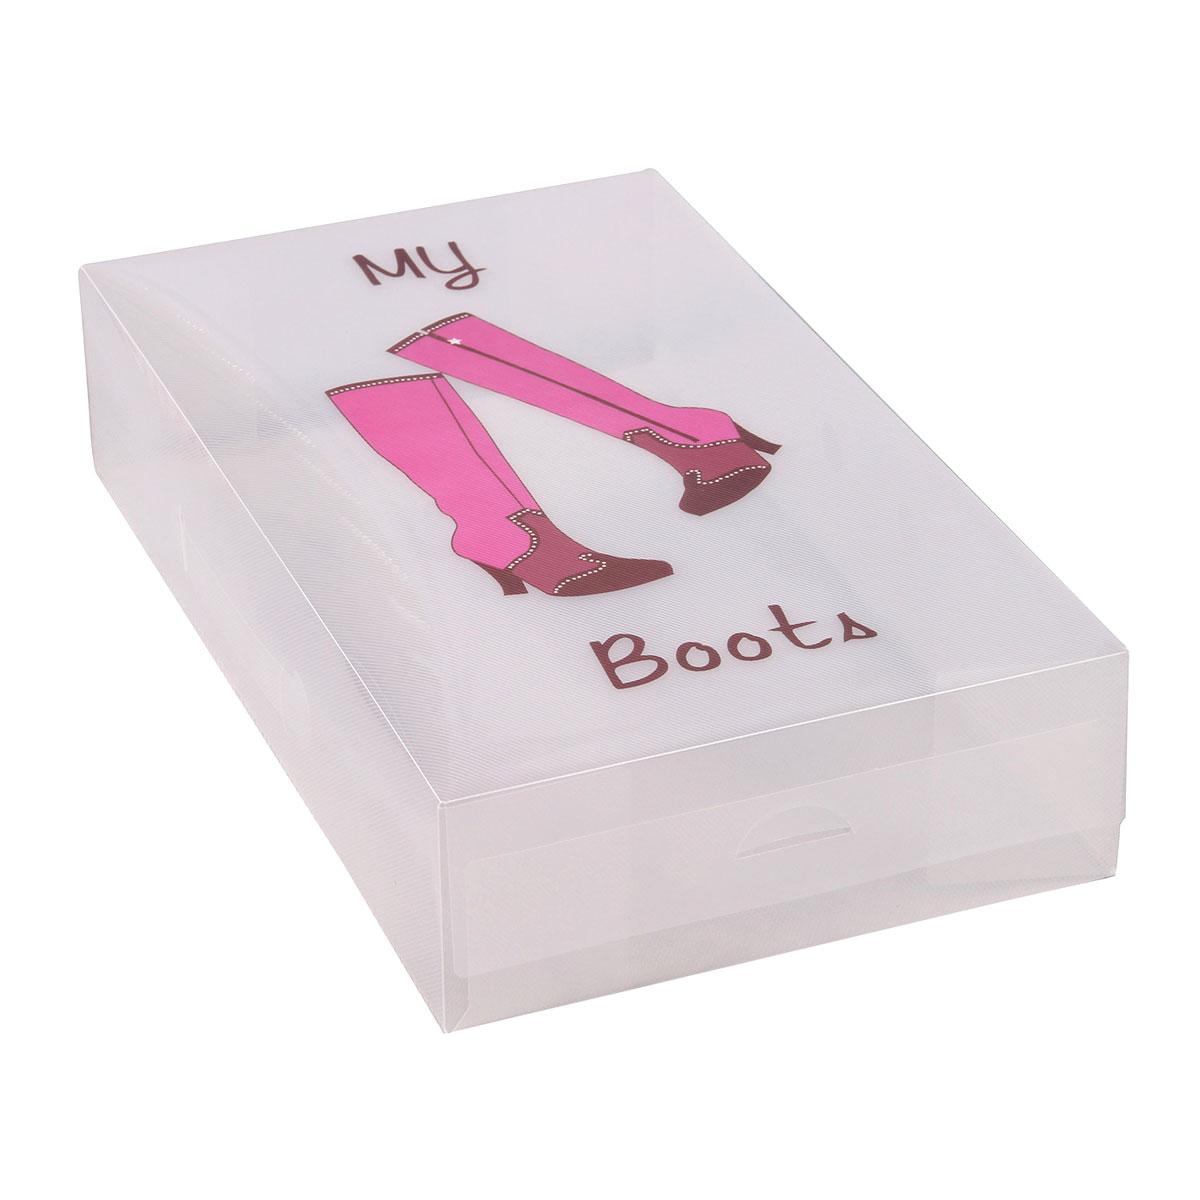 Короб для xранения обуви Miolla, 52 x 30 x 11 см. PLS-2PLS-2Удлиненный короб для обуви от Miolla превратит хранение сапог из головной боли в сплошное удовольствие. Жесткий и вместительный, он создан для обуви с длинным голенищем, которая после сезона ношения обычно неаккуратно убирается вглубь обувного шкафа из-за своих нестандартных размеров. Теперь можно не пренебрегать дорогими вещами, а с умом хранить любые сапоги в удобном и прочном коробе. Размер короба: 52 х 30 х 11 см.